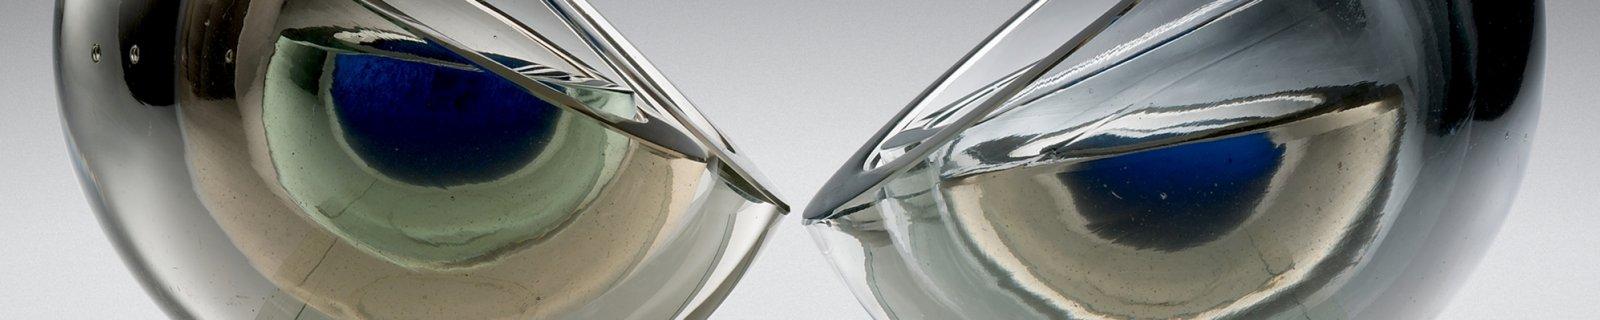 Founders of American Studio Glass: Harvey K. Littleton